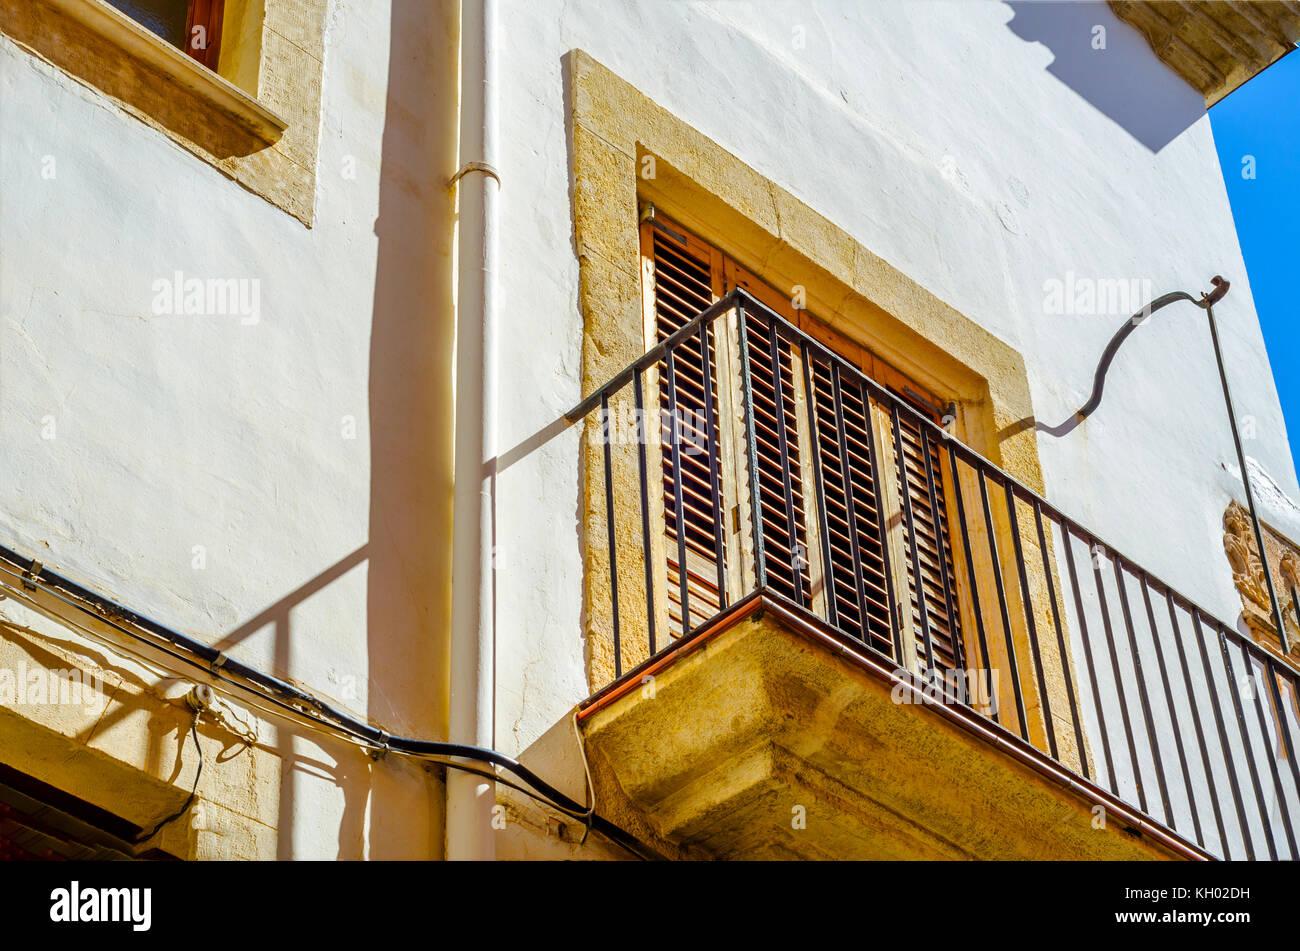 Stilvolle Balkon Mit Einem Metallgelander Solide Architektonische